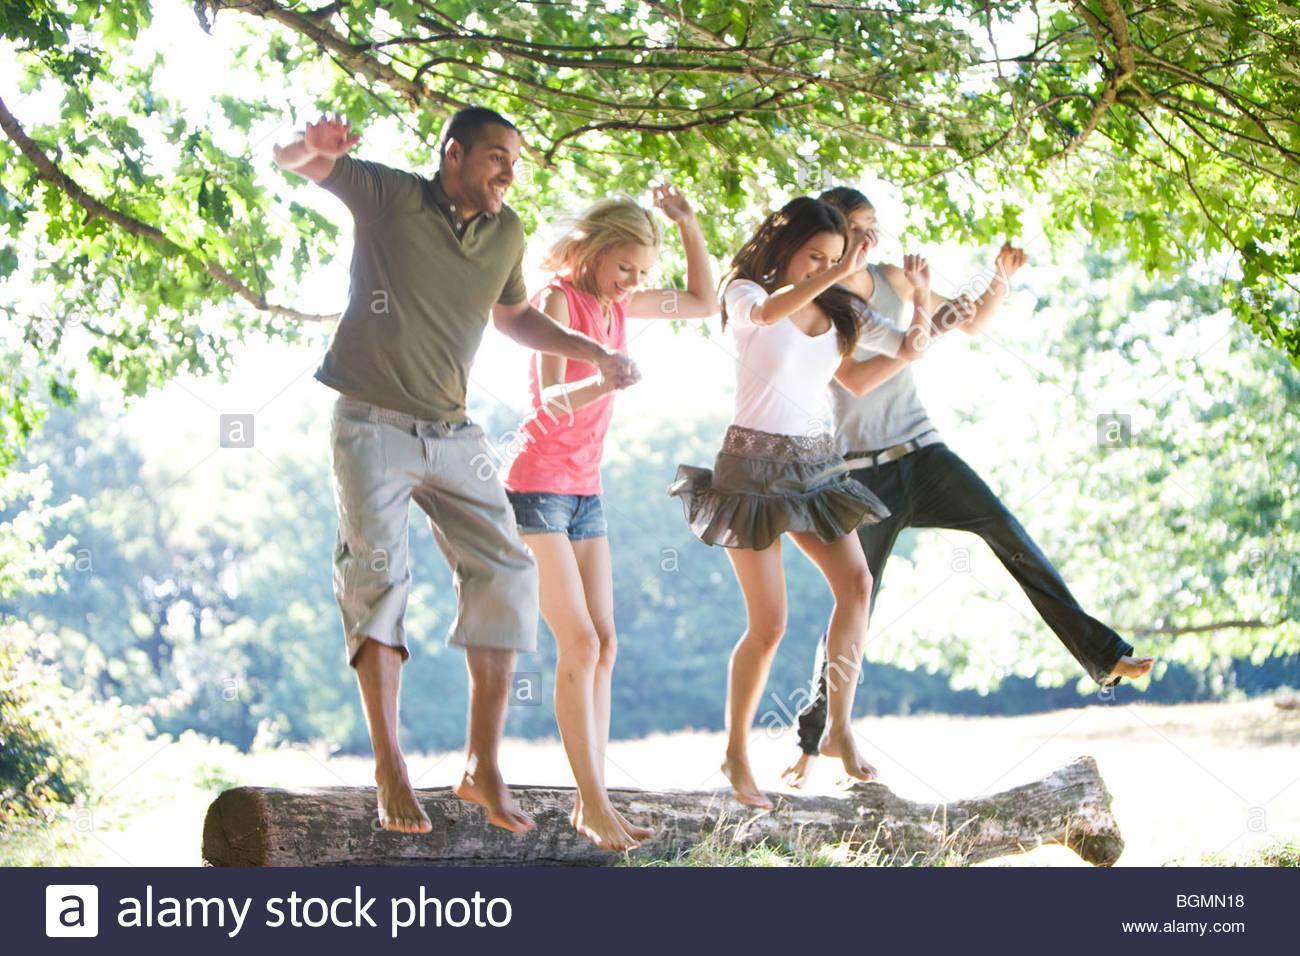 Cuatro jóvenes saltando desde un registro Imagen De Stock